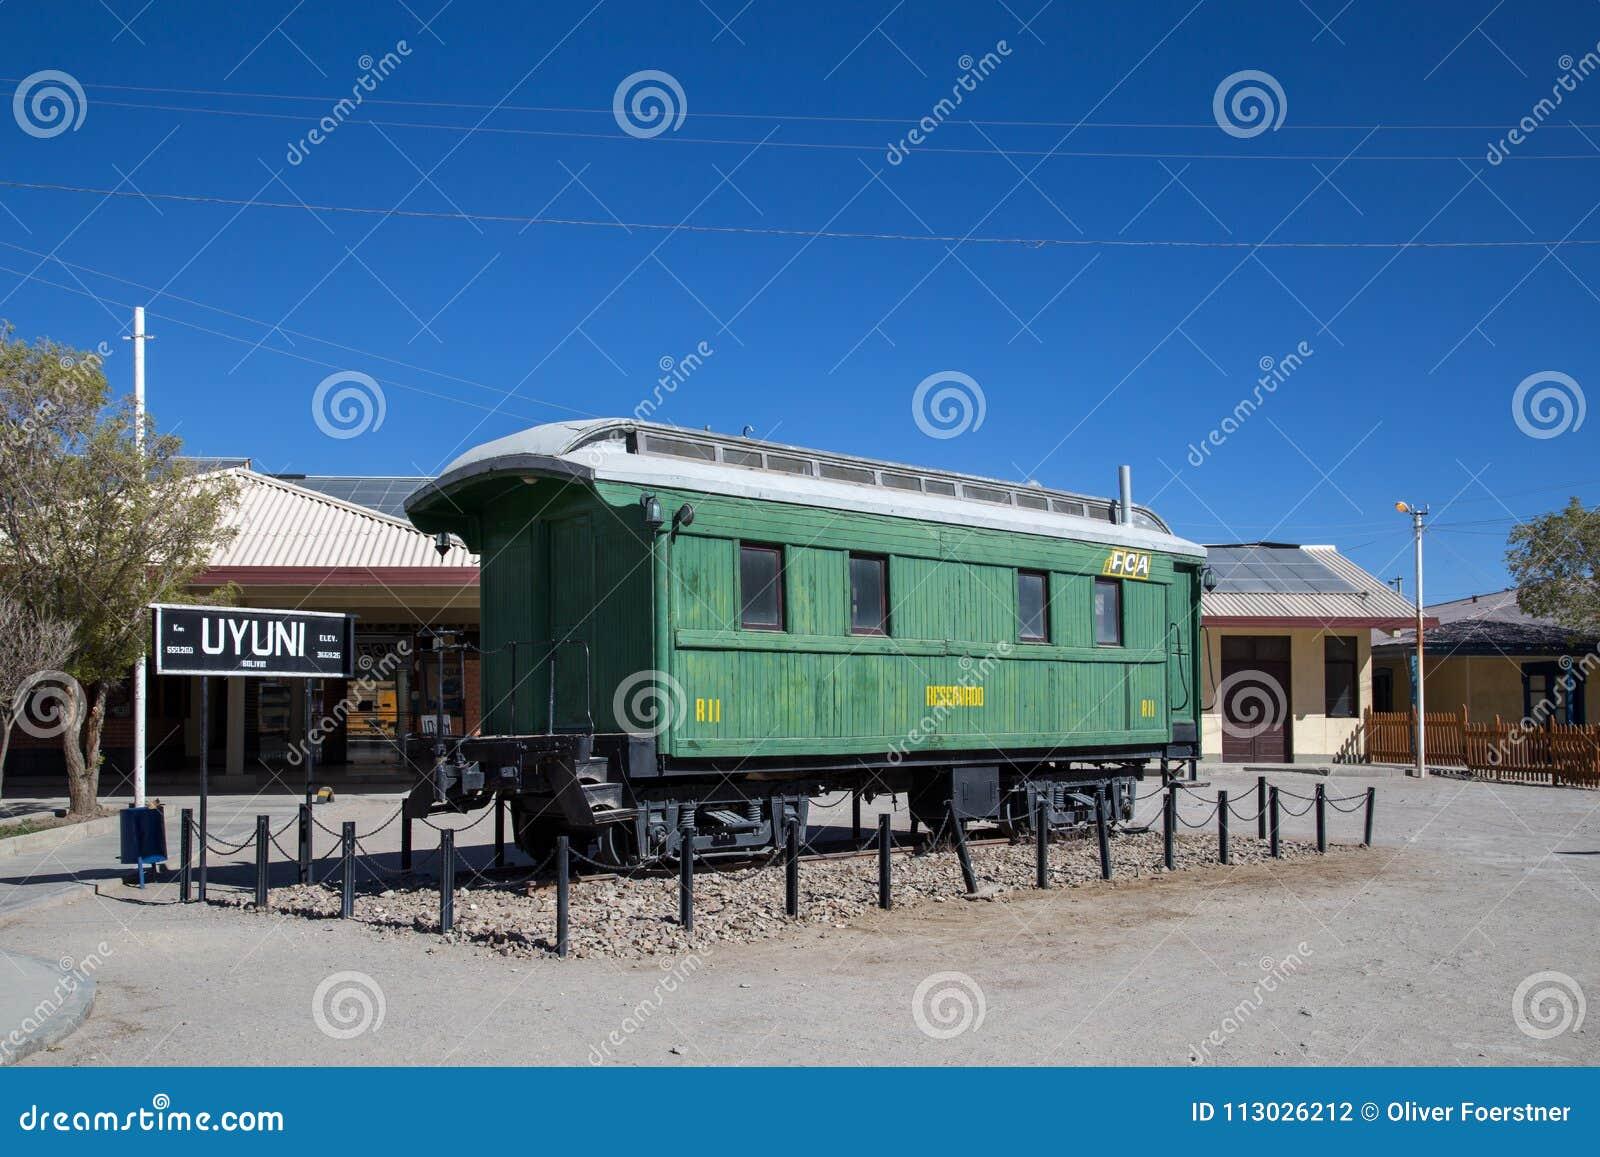 Carro delante de la estación de tren de Uyuni